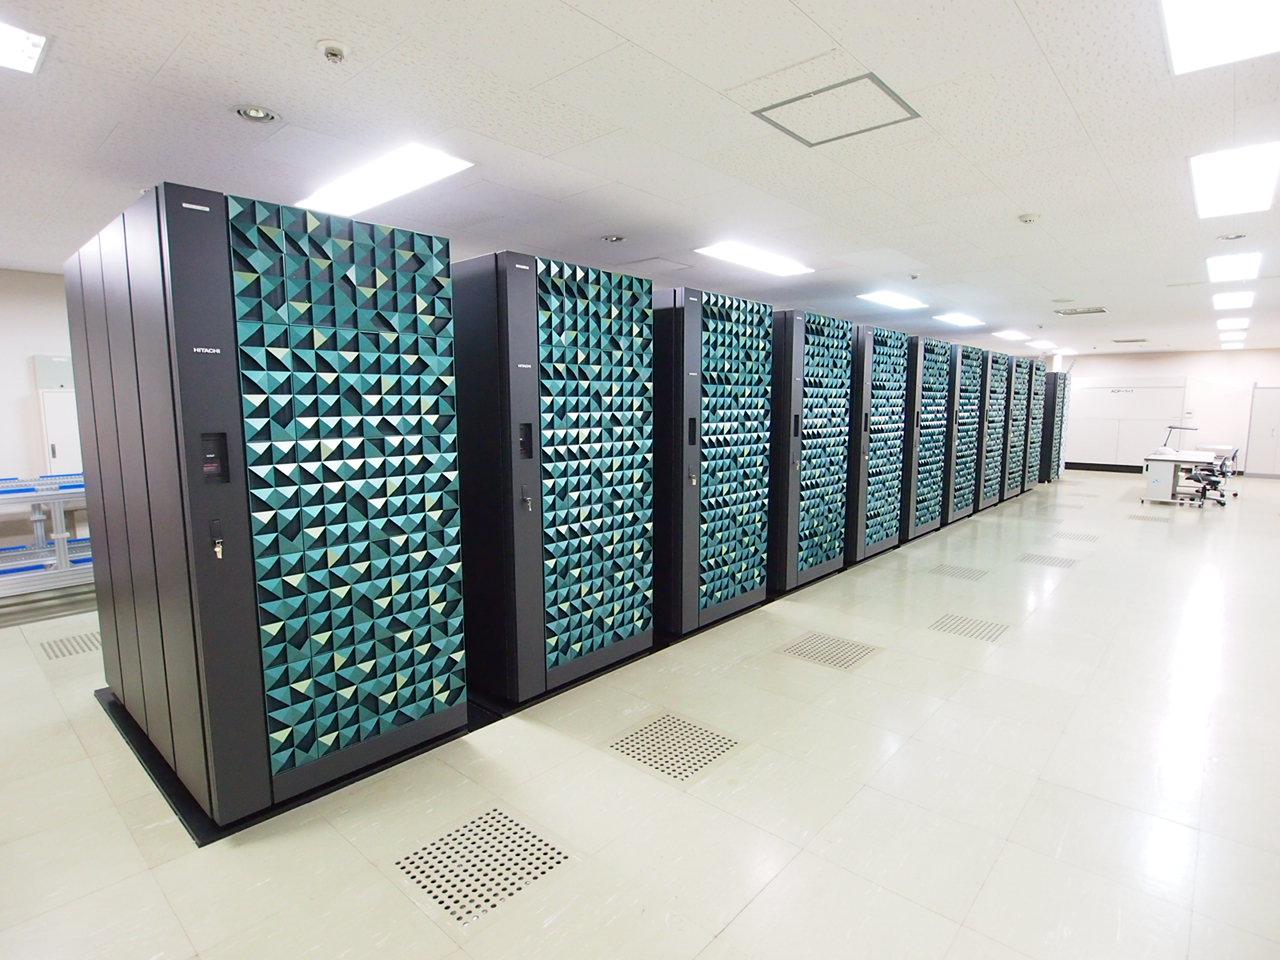 [291] スーパーコンピューティングシステム (共同利用・共同研究拠点他 設備) 〔リンク〕 画像